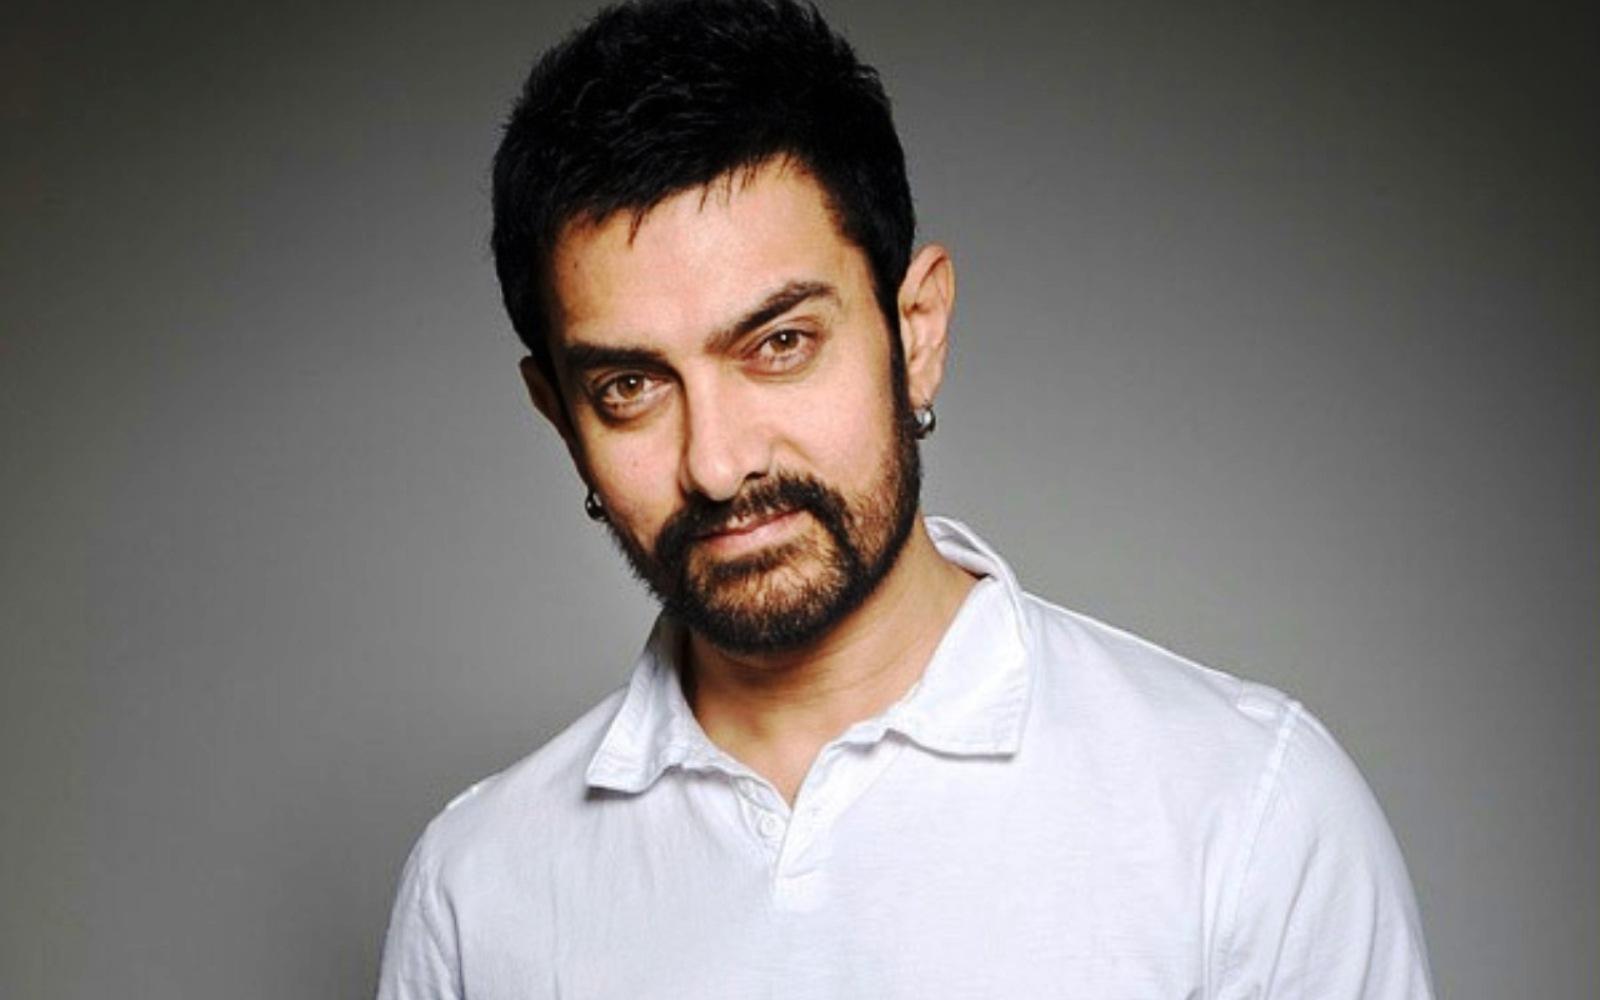 We just make films we believe in: Aamir Khan